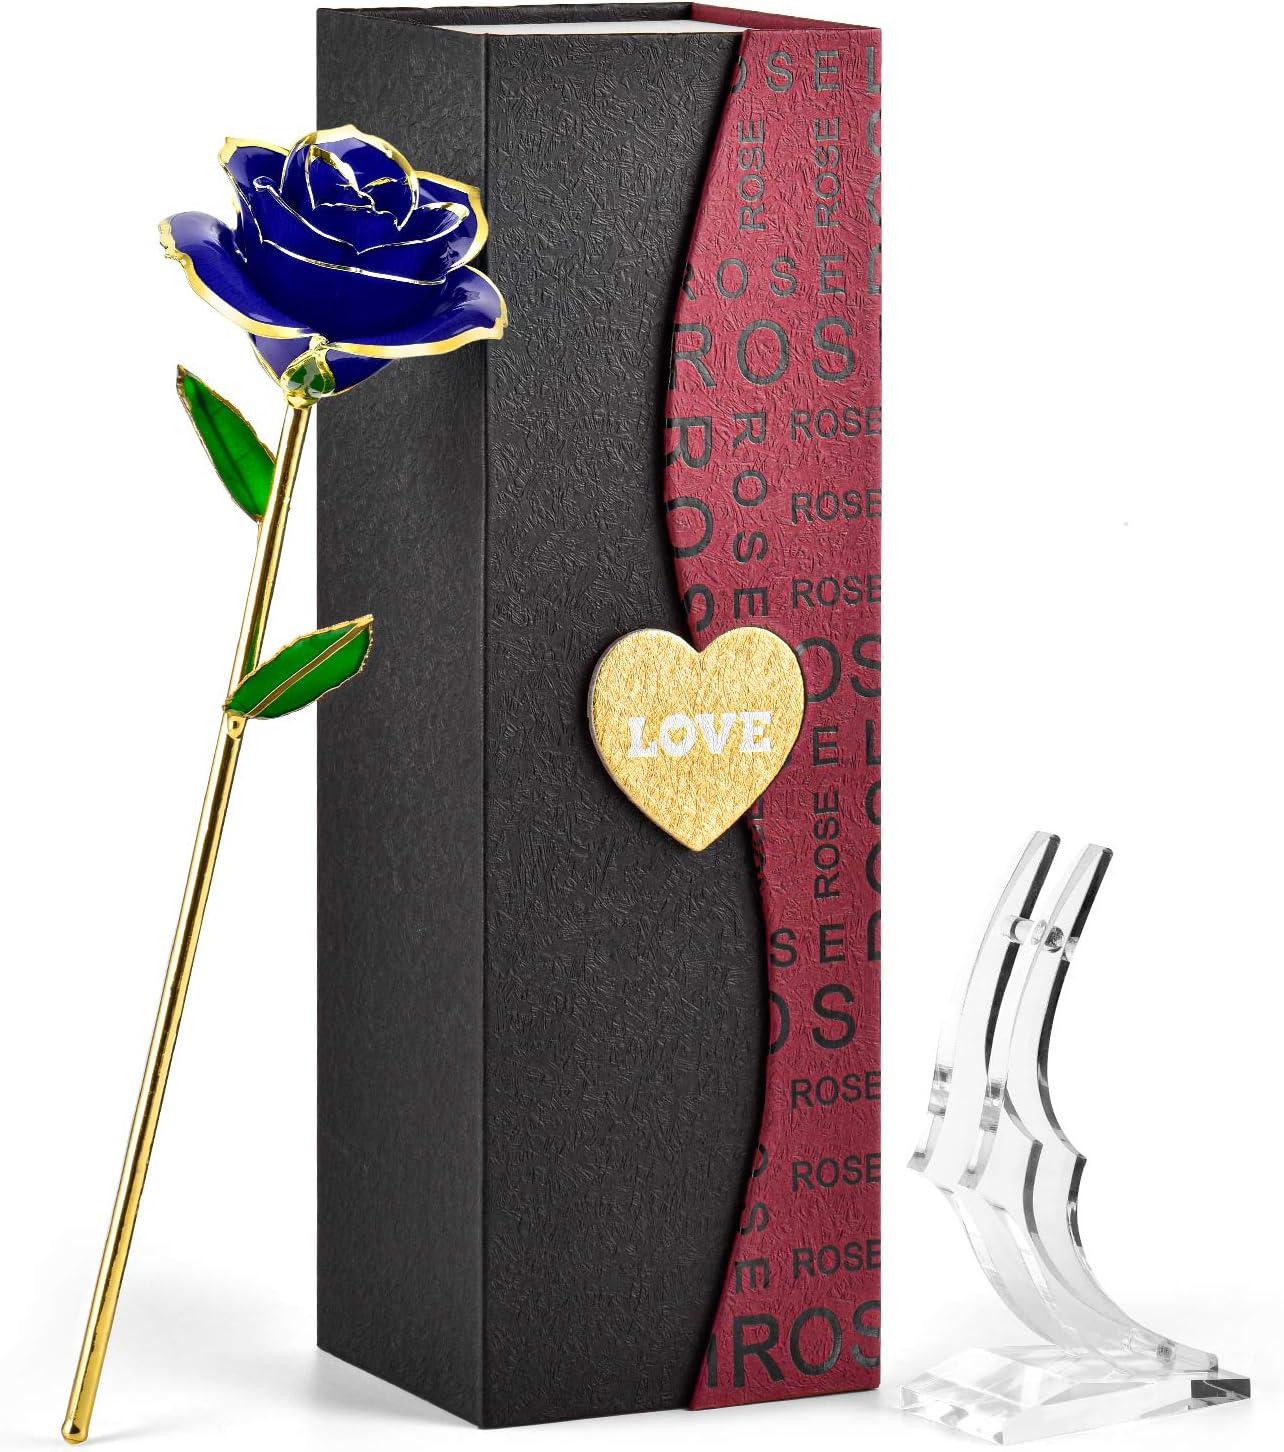 FORGIFTING Rosa Sant Jordi, Resina preservada y Rosas bañadas en Oro - Regalo para Ella en el día de San Valentín, Día de la Madre, Aniversario, Boda, Cumpleaños (Rosa Azul, Soporte Transparente)